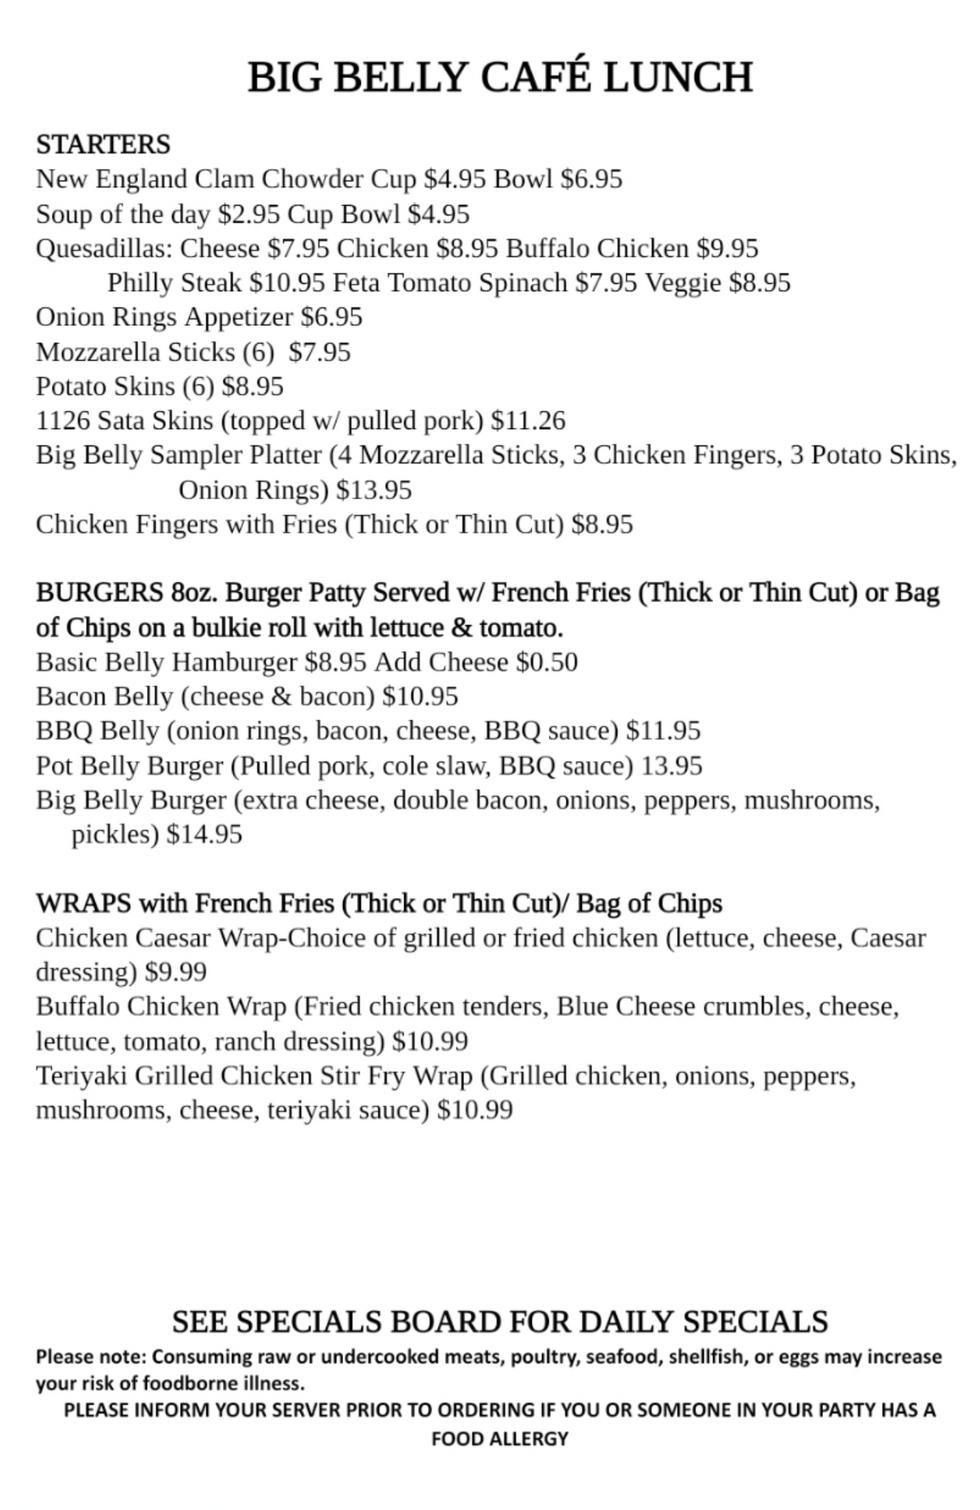 fall 2021 lunch 1 menu.png